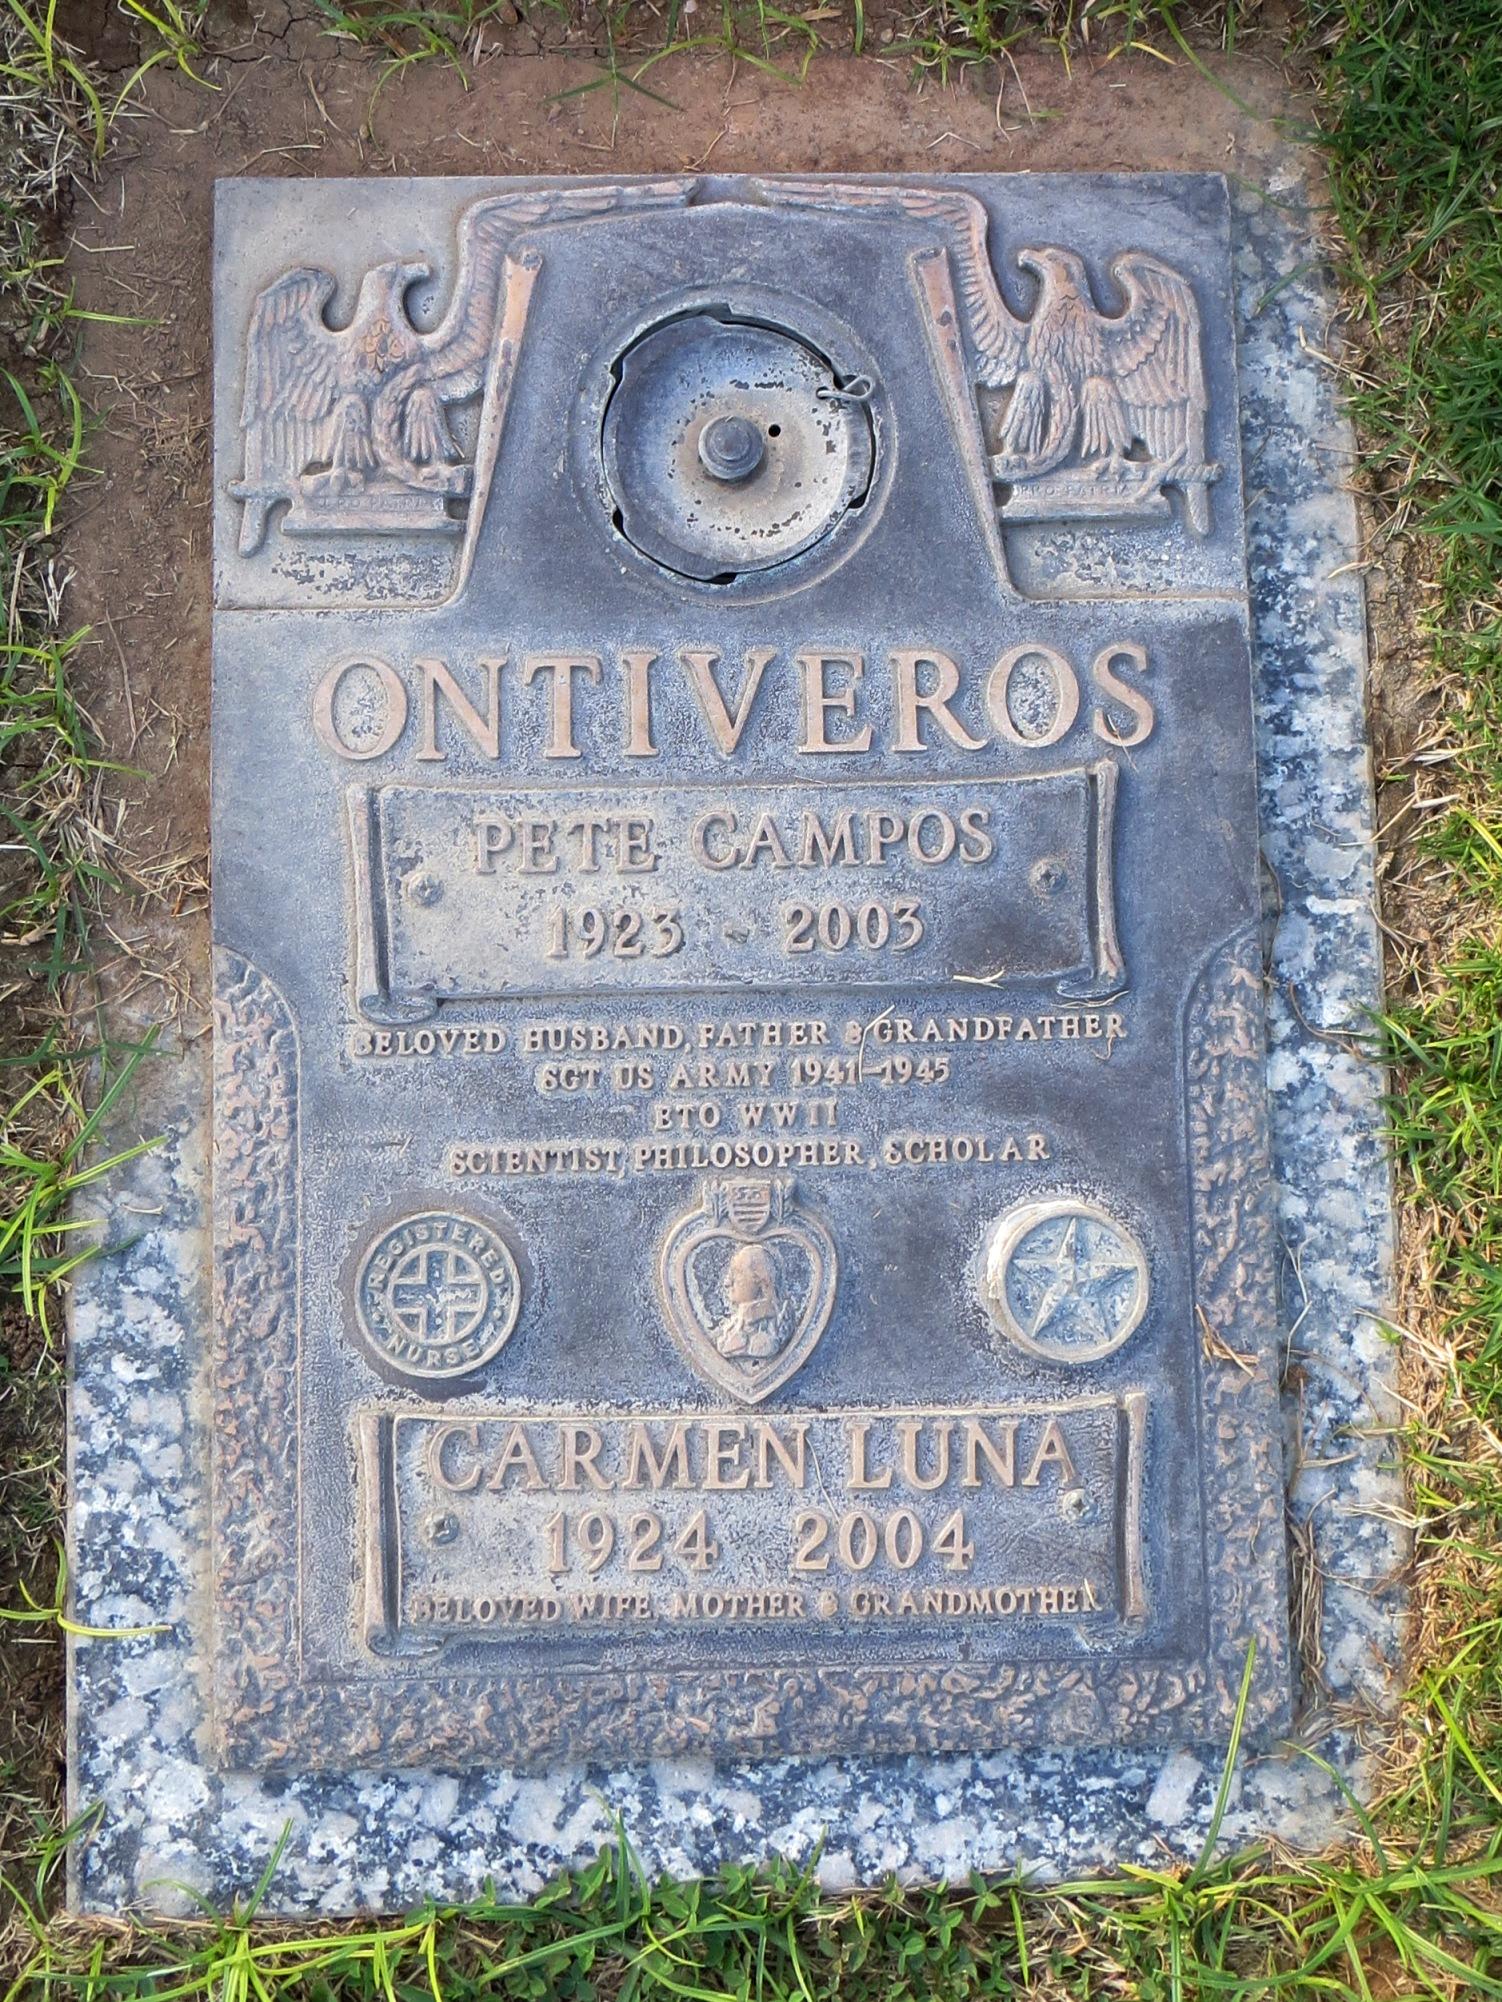 Carmen Luna Ontiveros